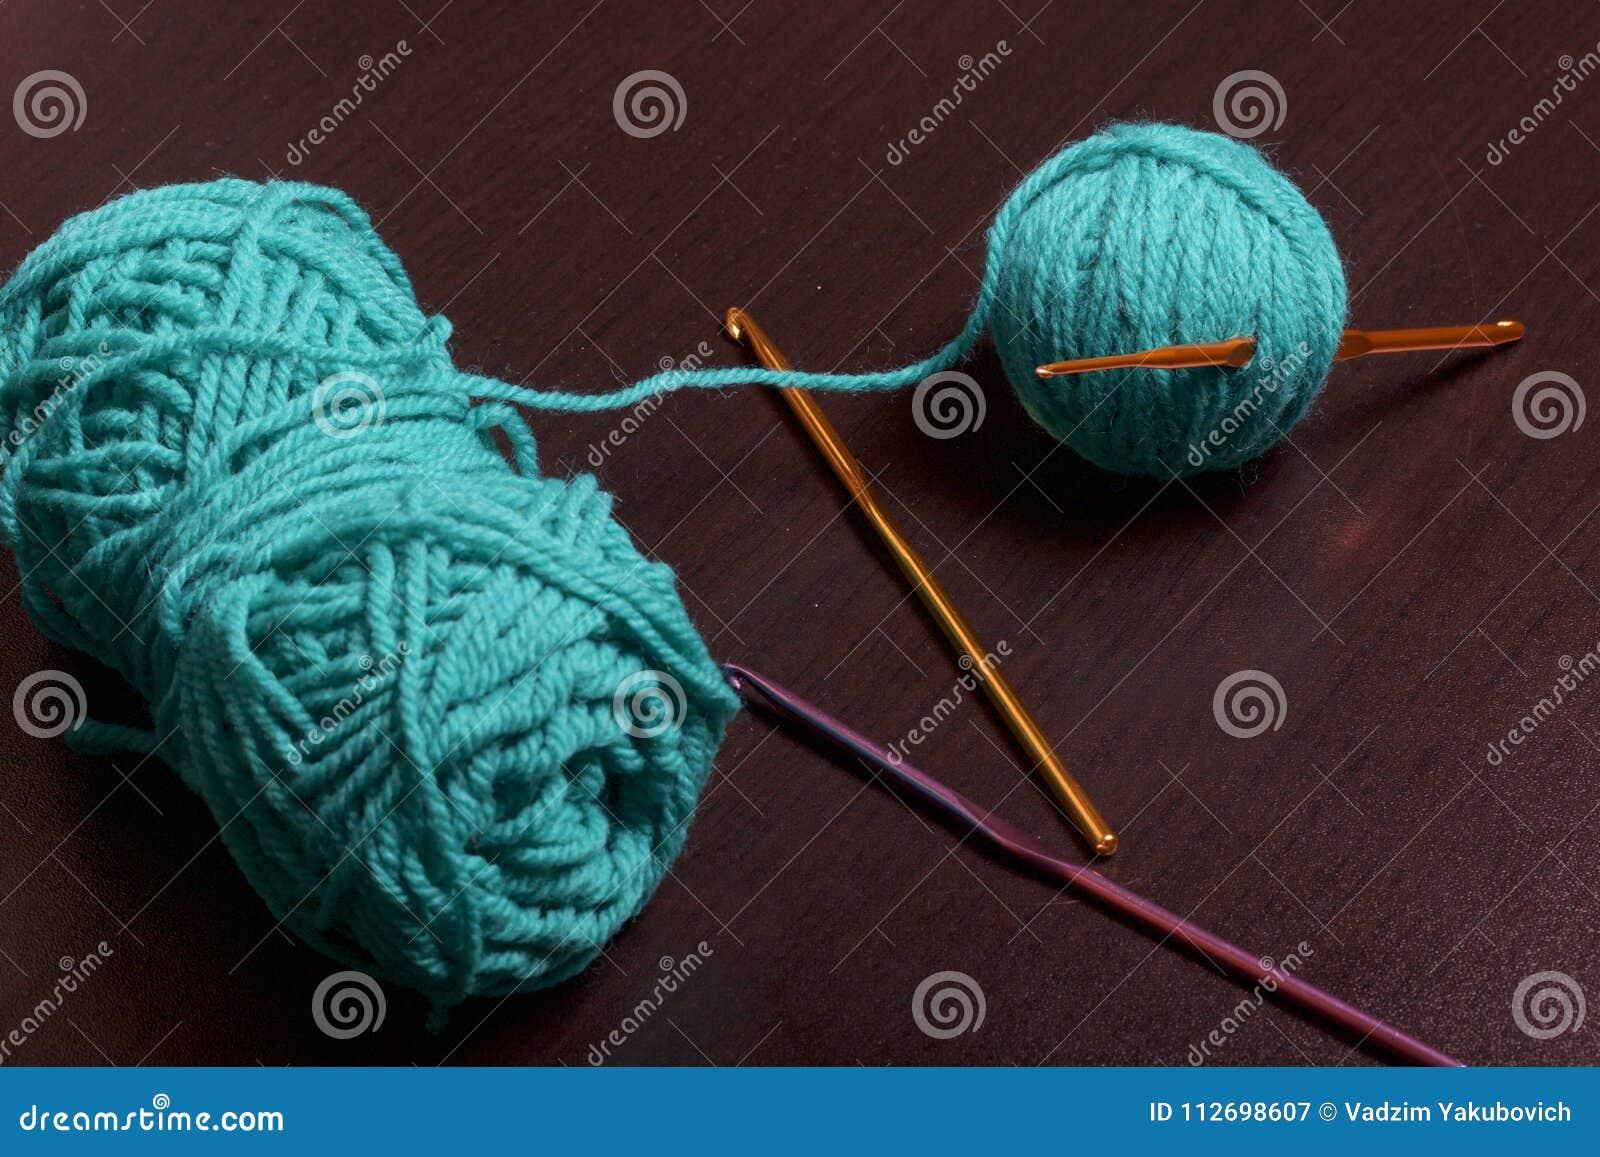 Buizen van draad voor het breien smaragdgroene kleur en haken voor het breien op een donkere achtergrond